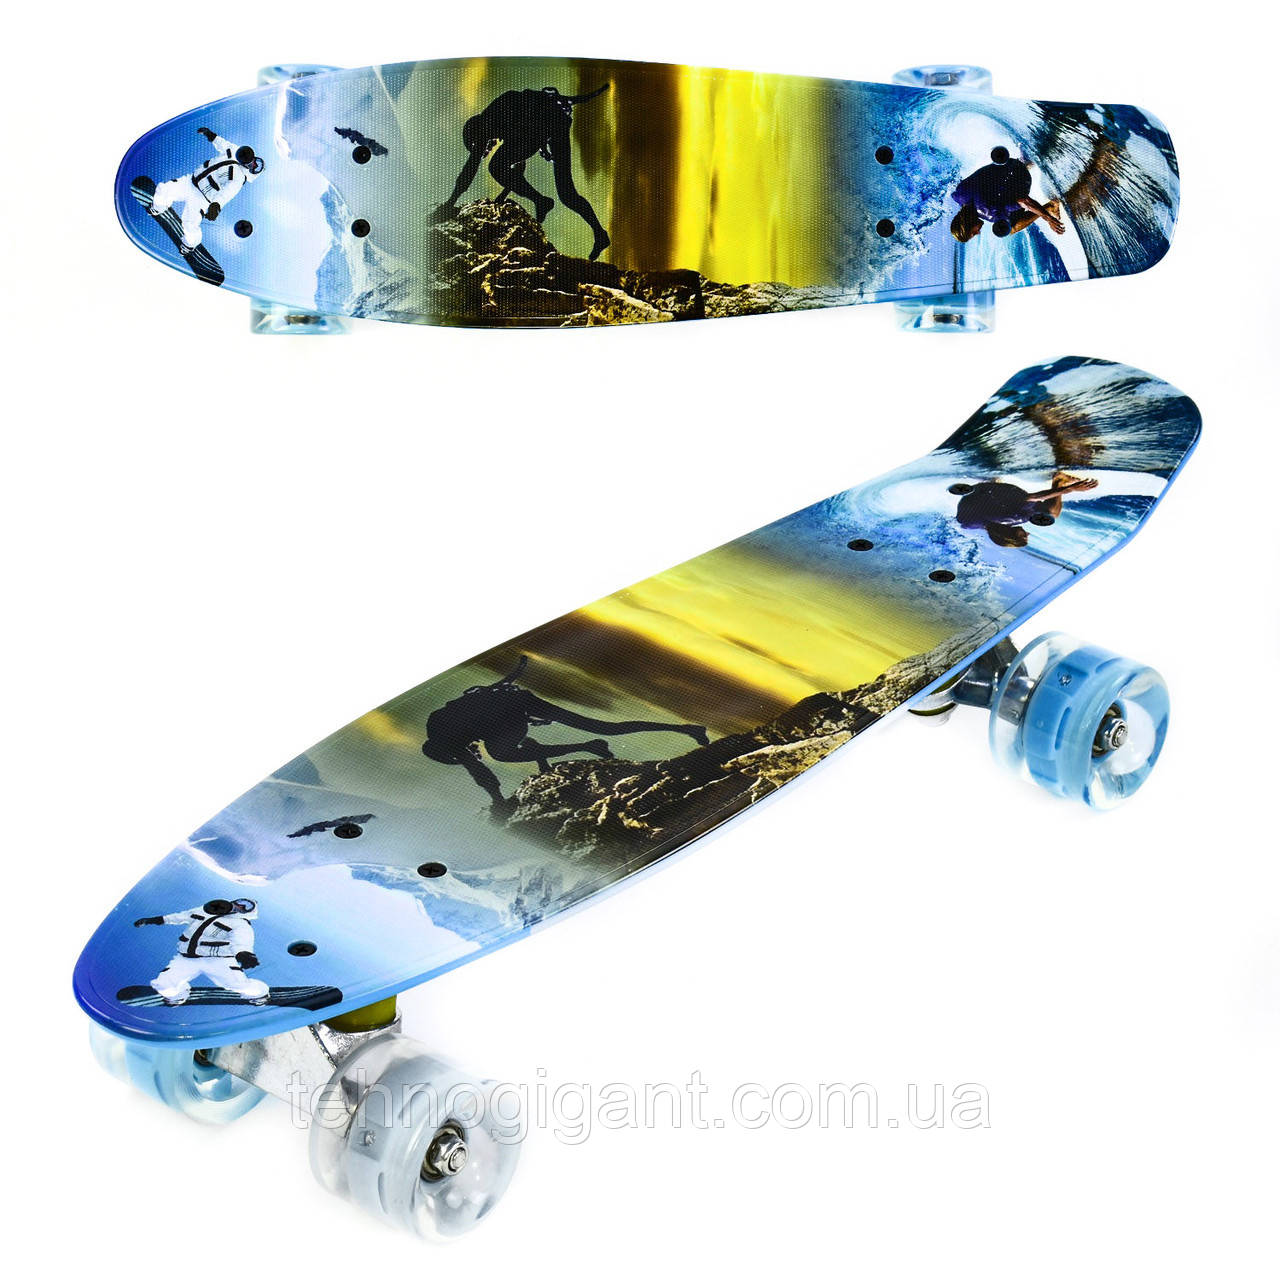 Скейт Penny Board, с широкими светящимися колесами Пенни борд, детский , от 5 лет расцветка Спорт